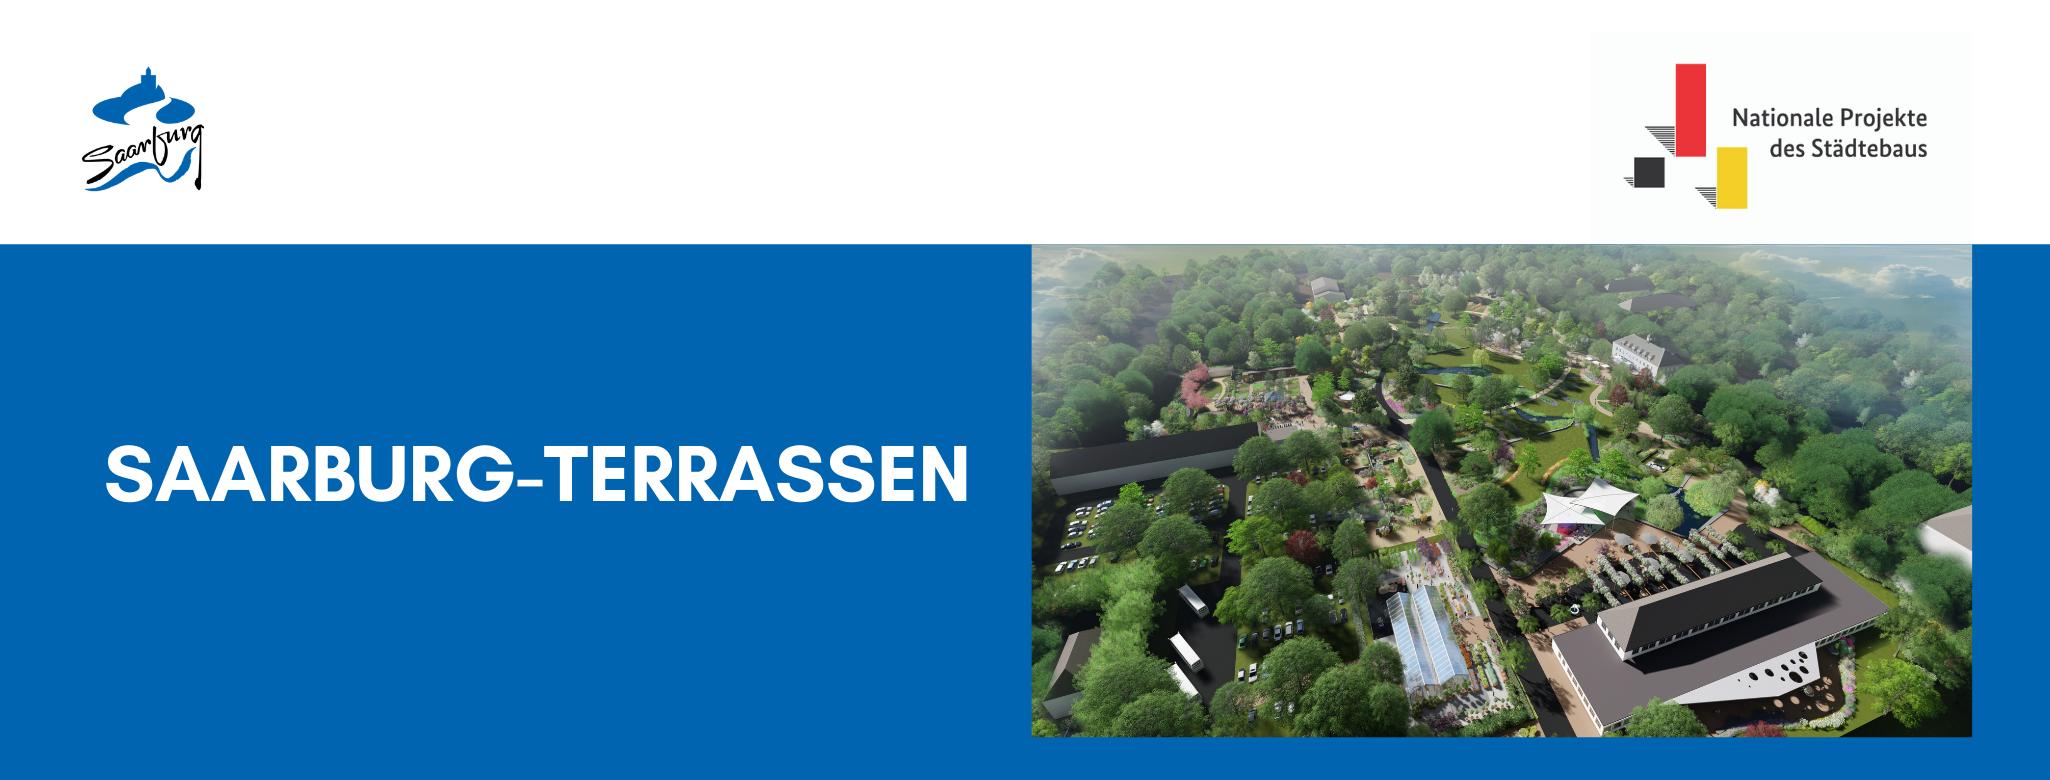 Saarburg-Terrassen Titelbild, zeigt Fotosimulation der Gärten